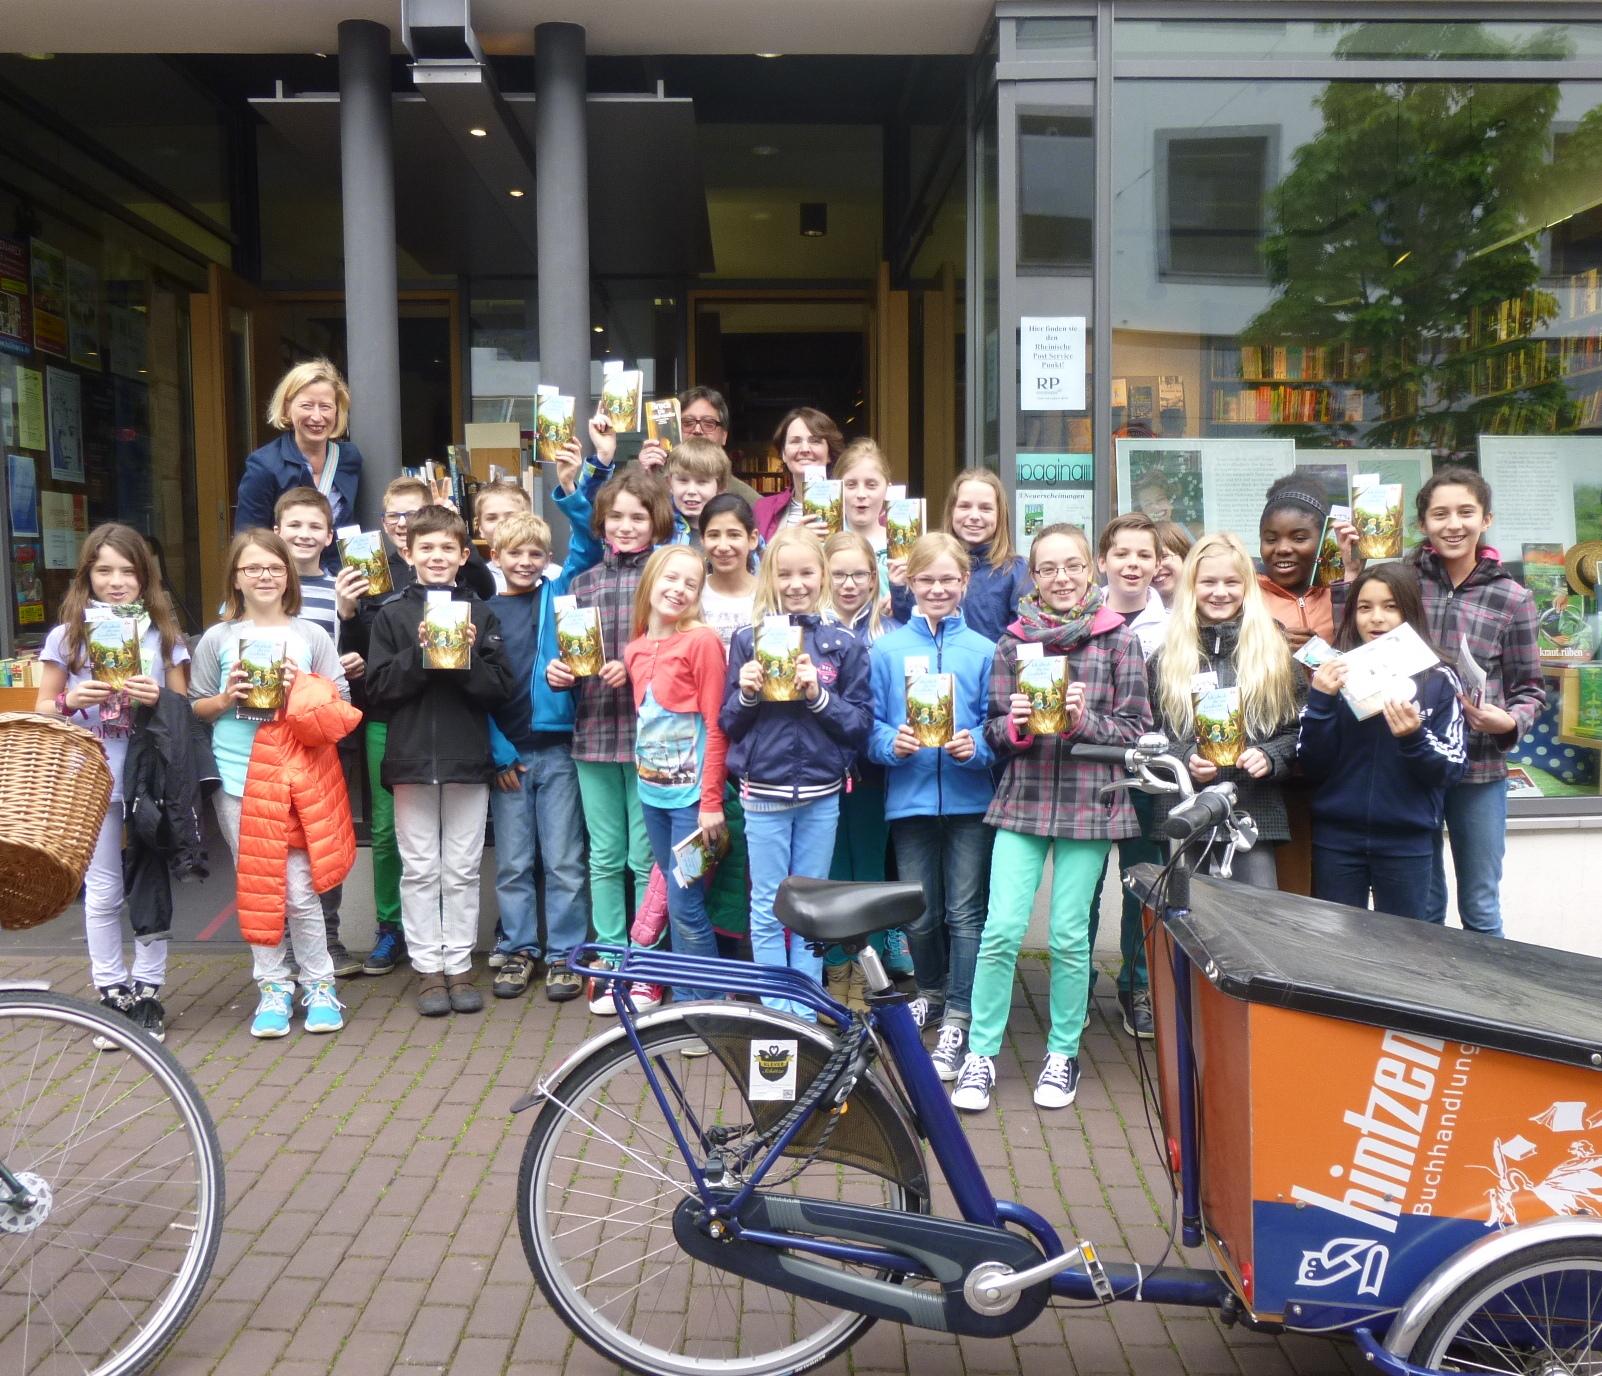 Und gleich wieder raus aus der Schule: Besuch bei einer örtlichen Buchhandlung zum Welttag des Buches